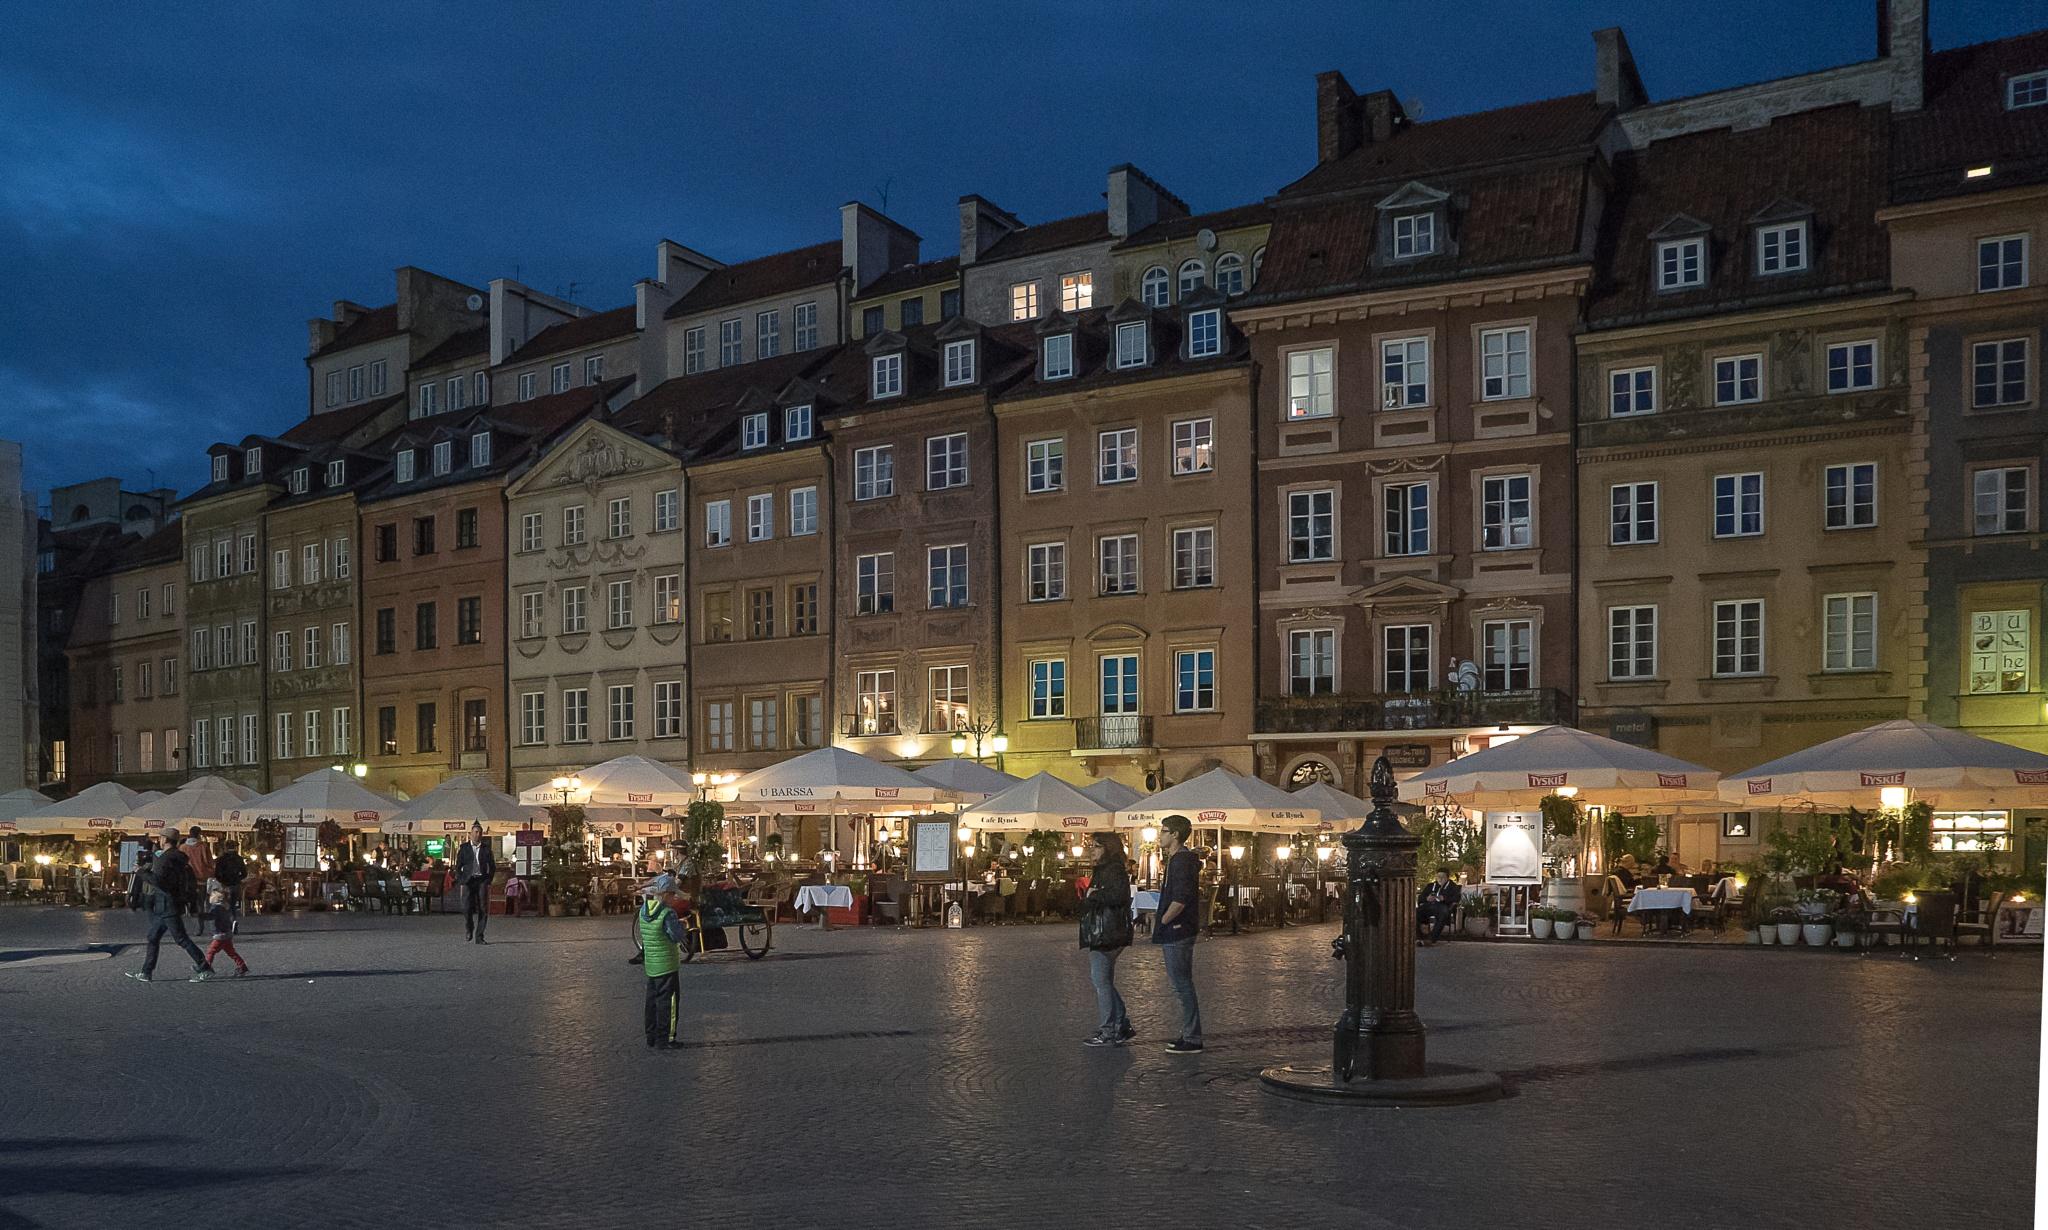 Warsaw - Old Town Square | Warszawa - Rynek Starego Miasta by Samar_WD